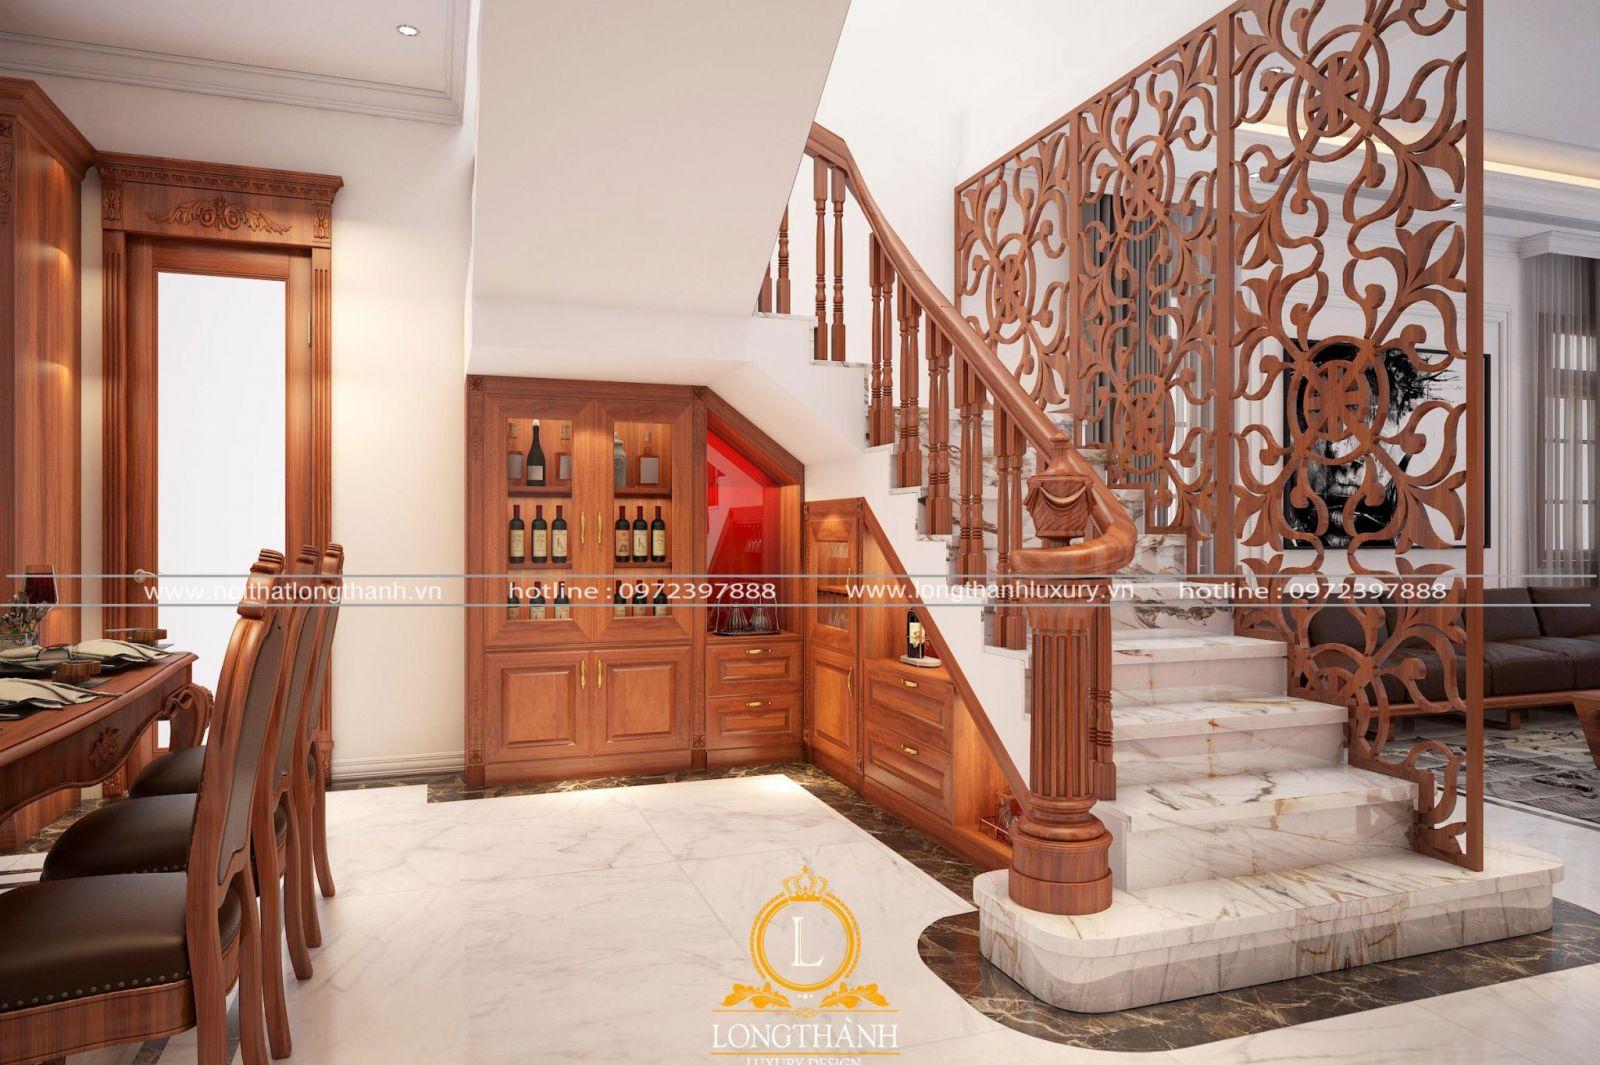 Tủ rượu nhỏ tiết kiệm diện tích không gian cầu thang